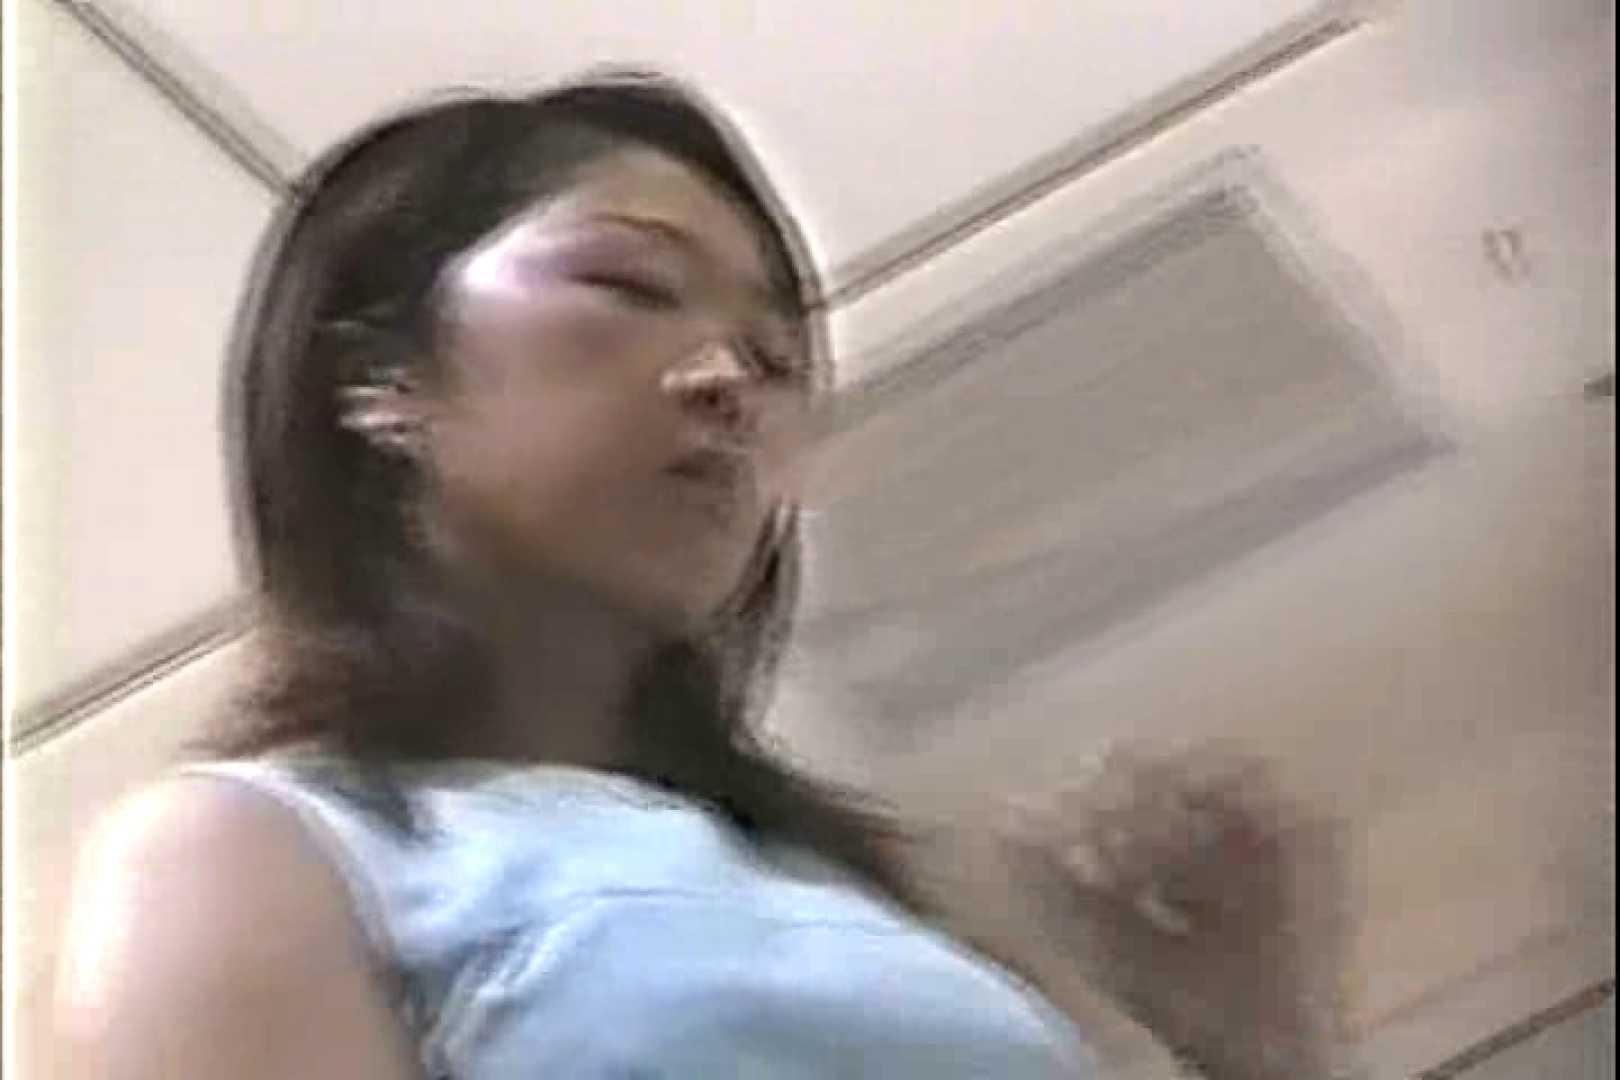 「ちくりん」さんのオリジナル未編集パンチラVol.6_02 OLヌード天国  98PIX 21